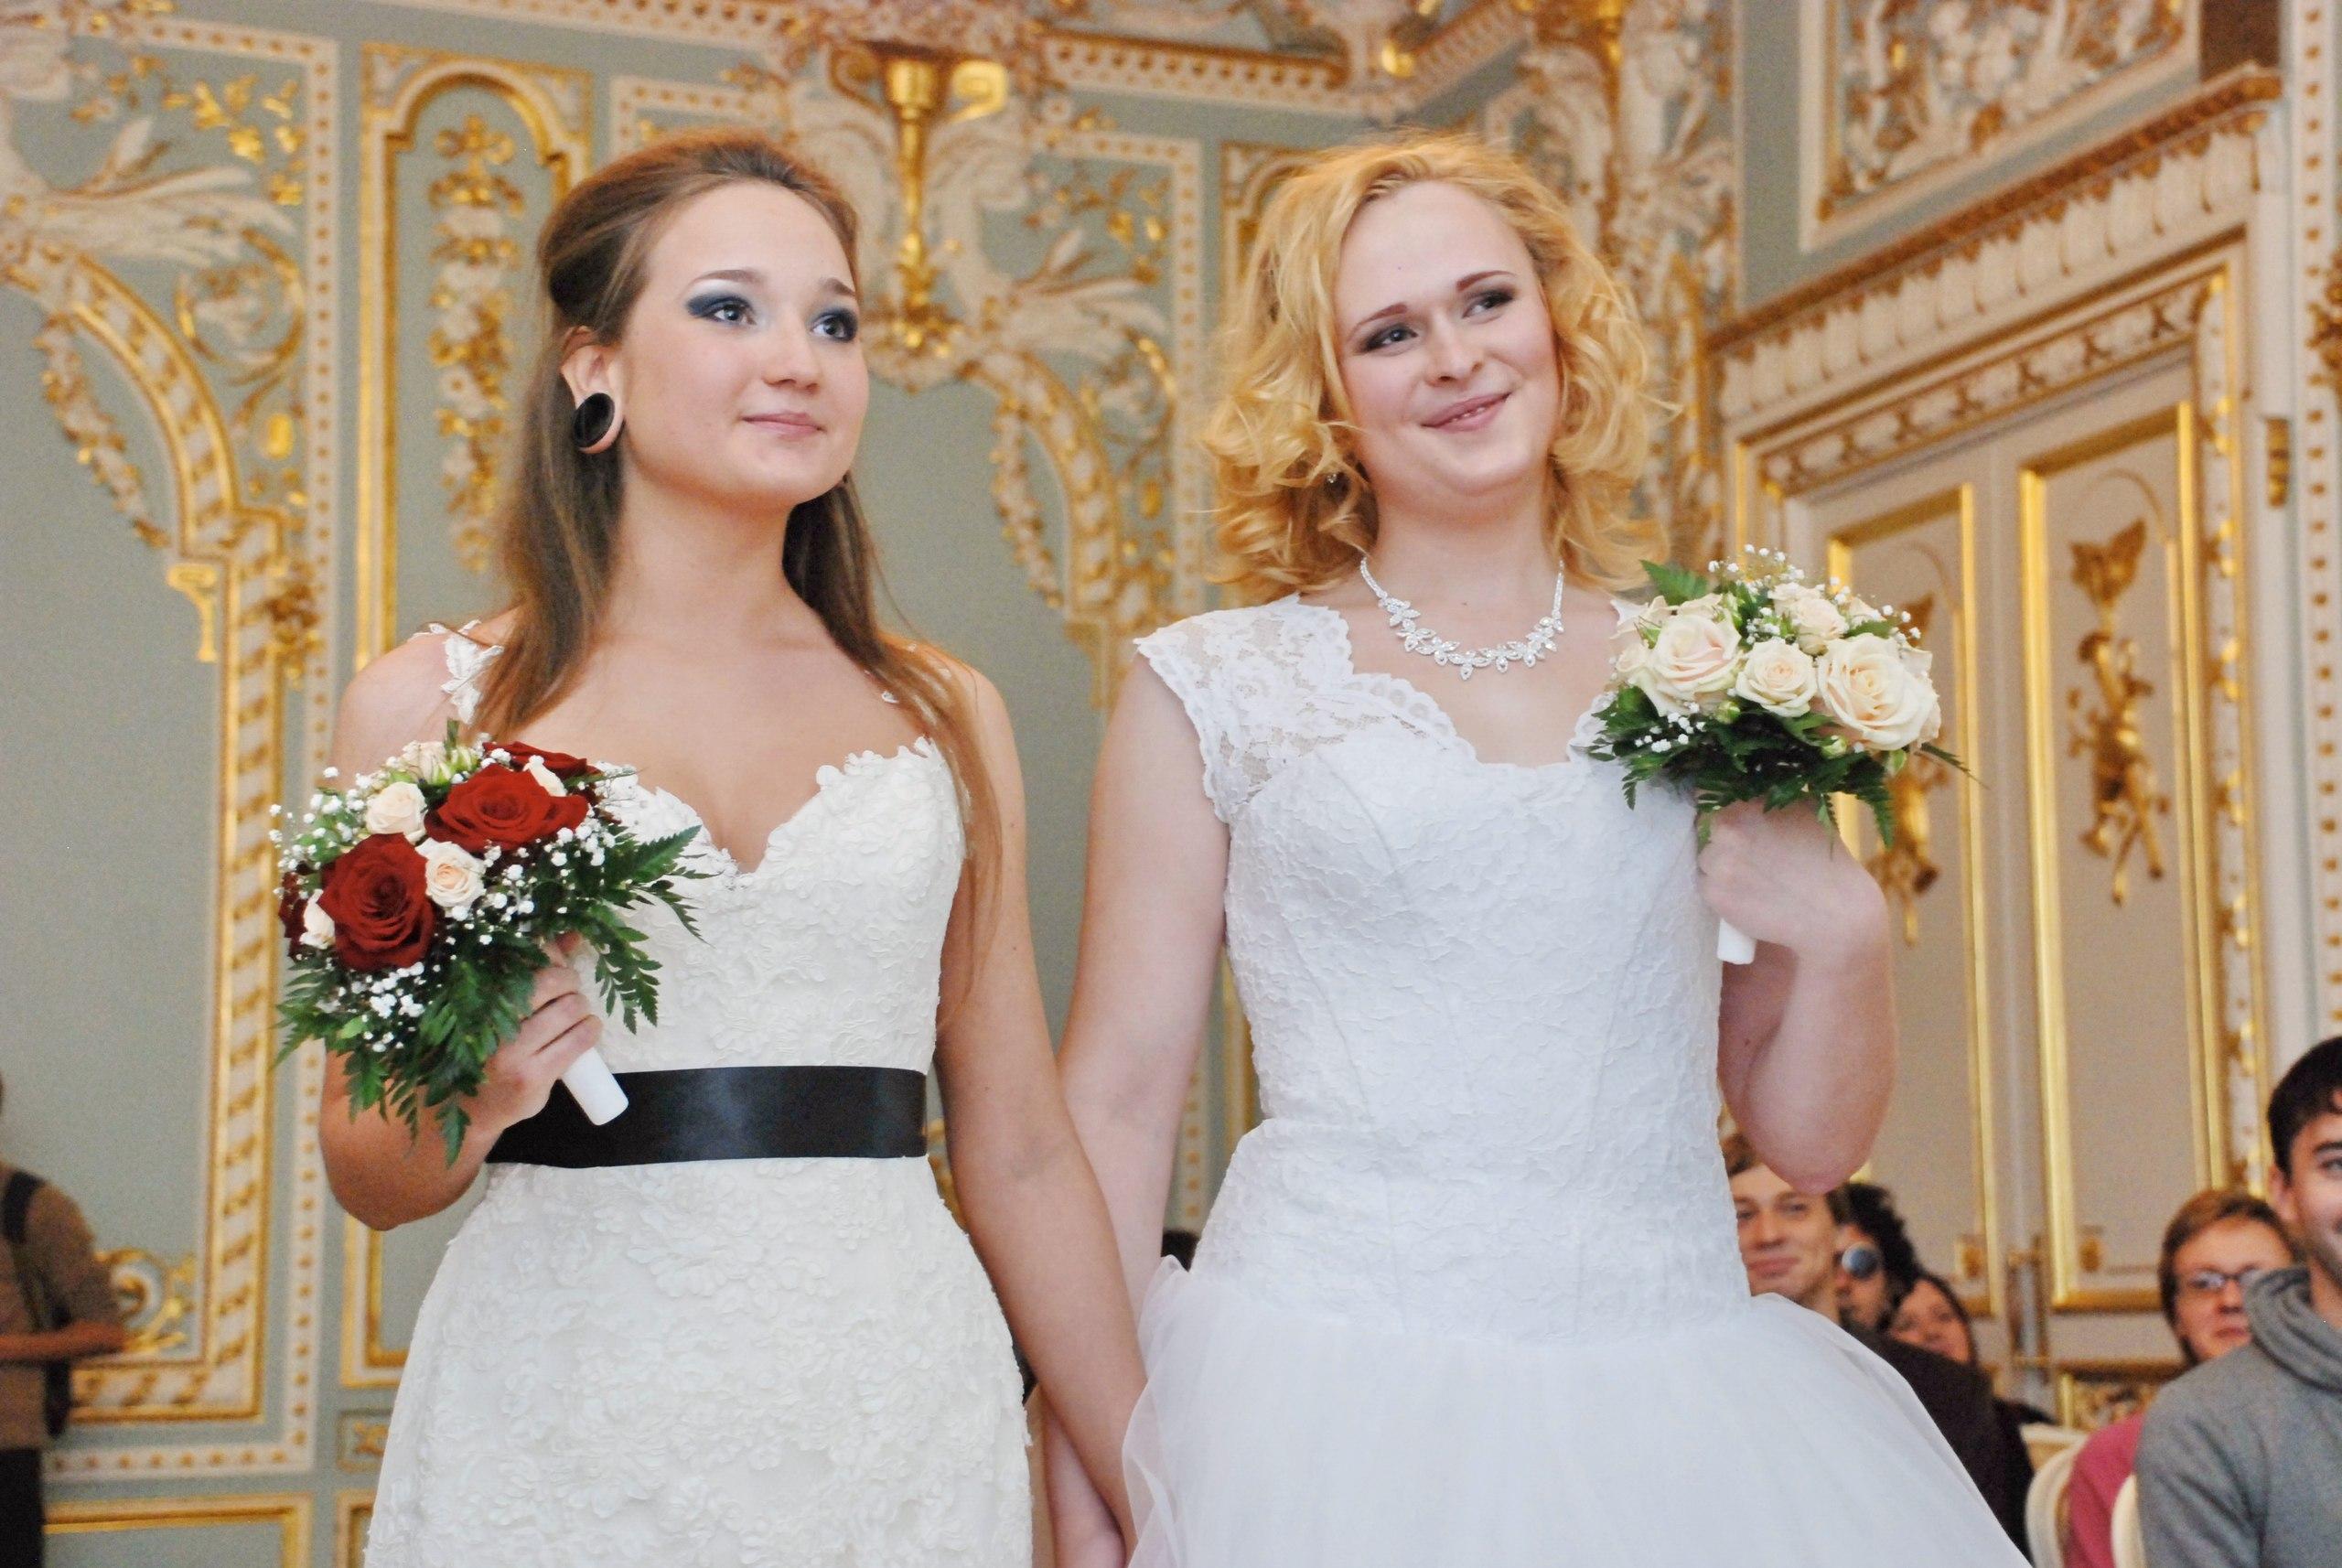 Реферат на тему однополые браки 5720